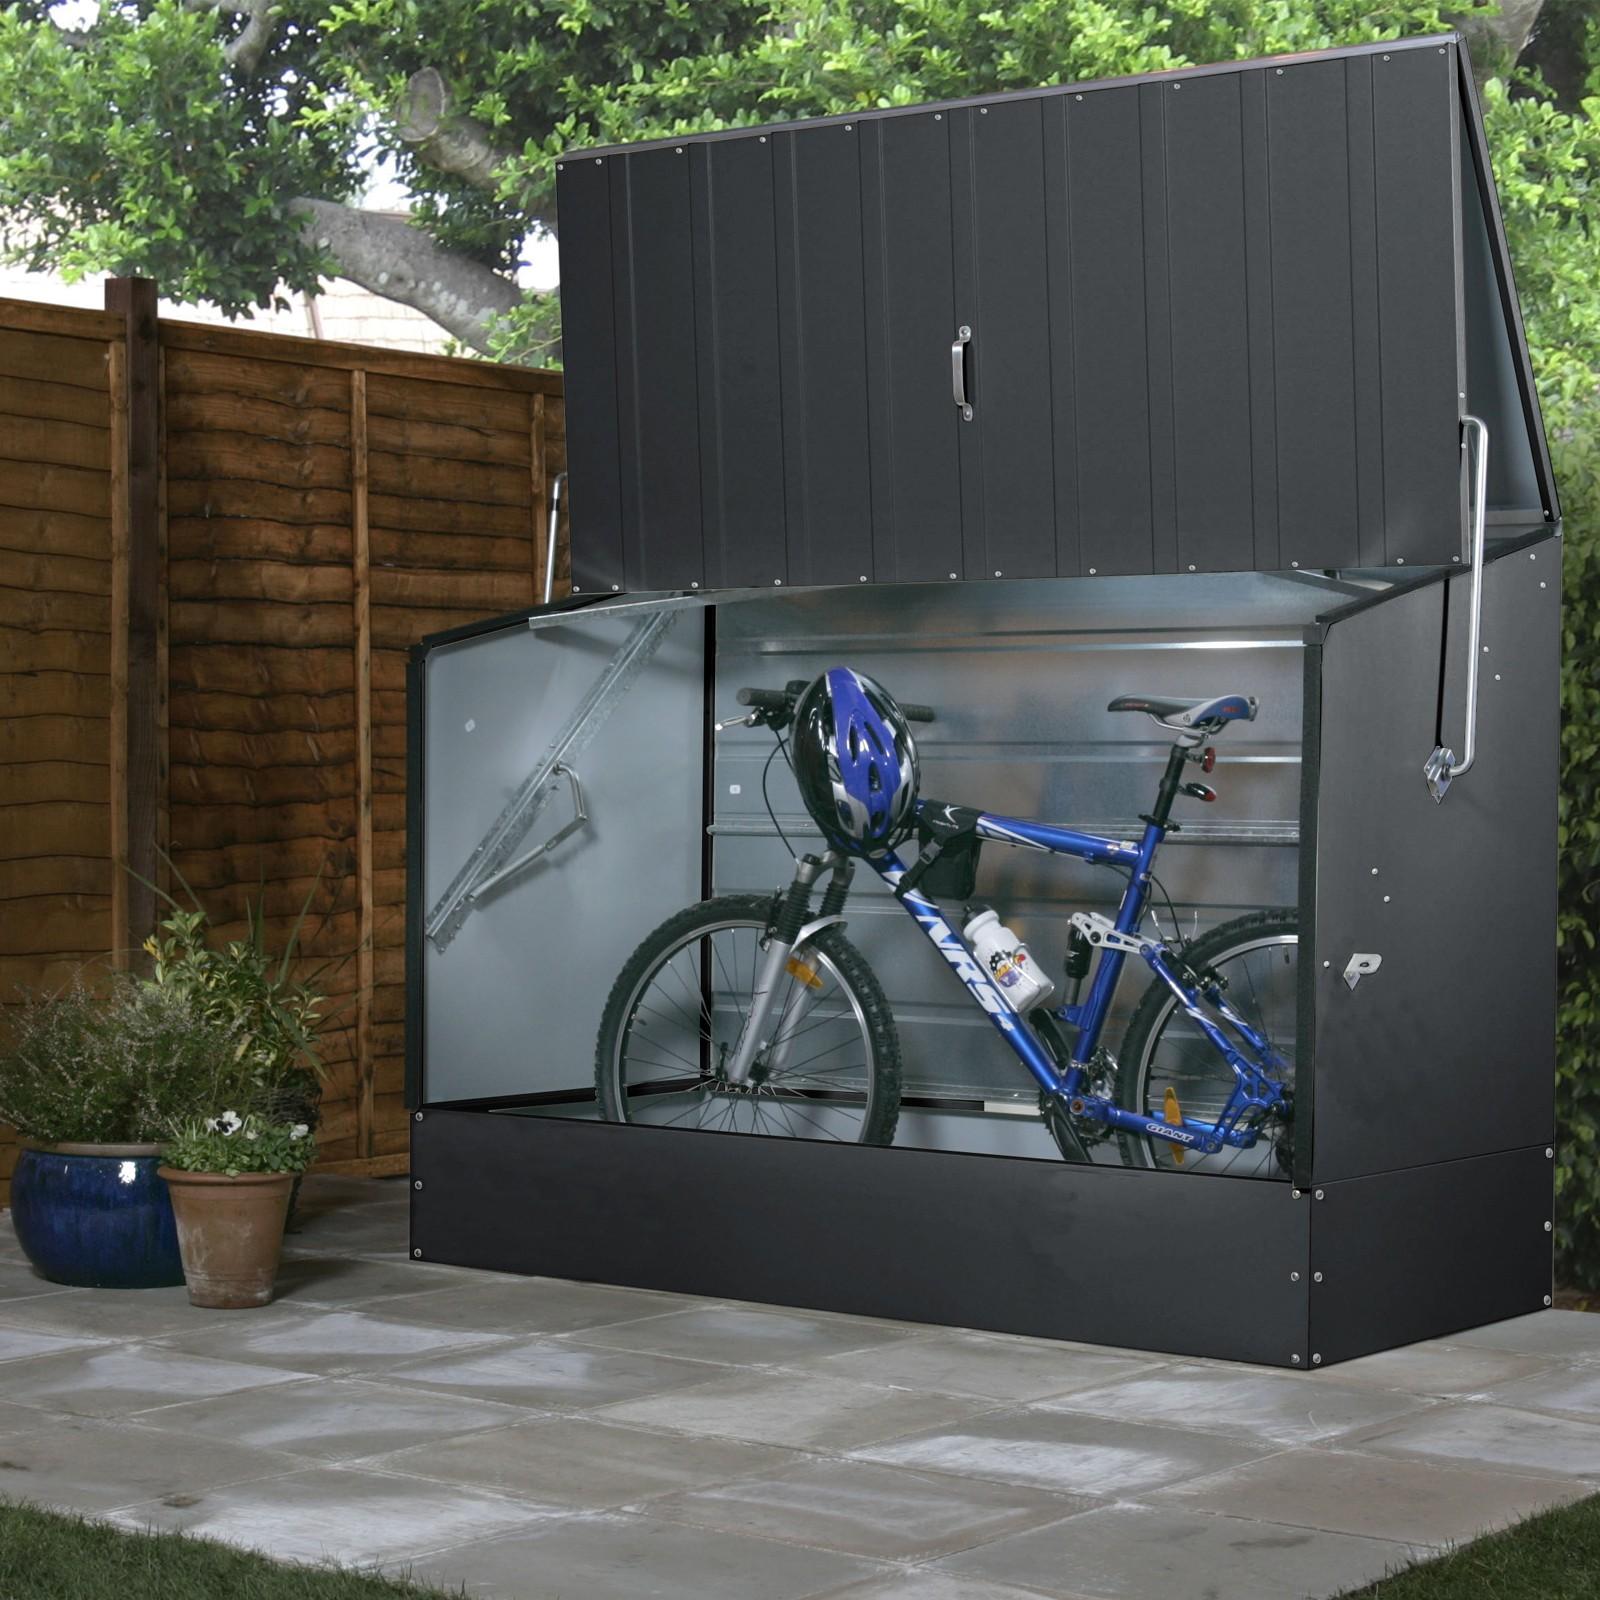 tepro fahrradbox fahrradgarage gartenbox aufbewahrungsbox 196x89x133cm anthrazit. Black Bedroom Furniture Sets. Home Design Ideas